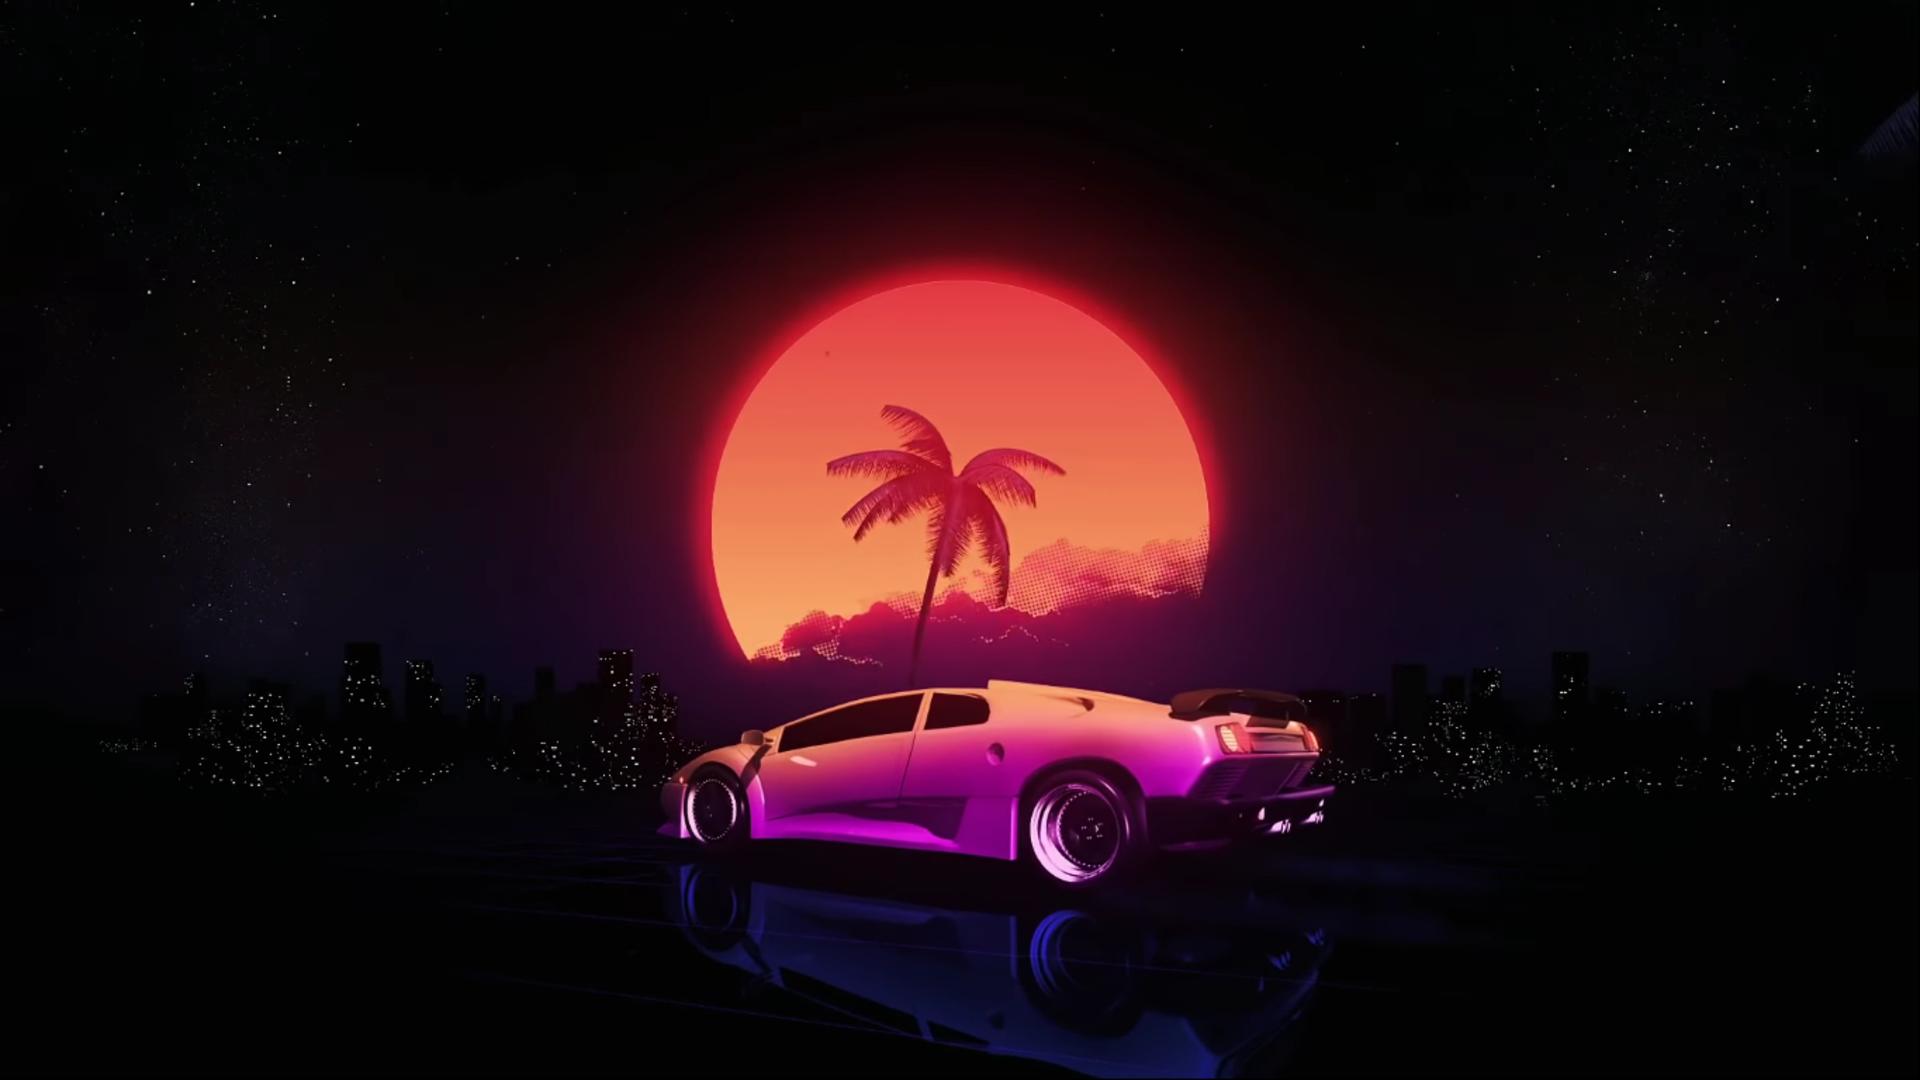 General 1920x1080 vaporwave synthwave Retrowave Lamborghini Diablo